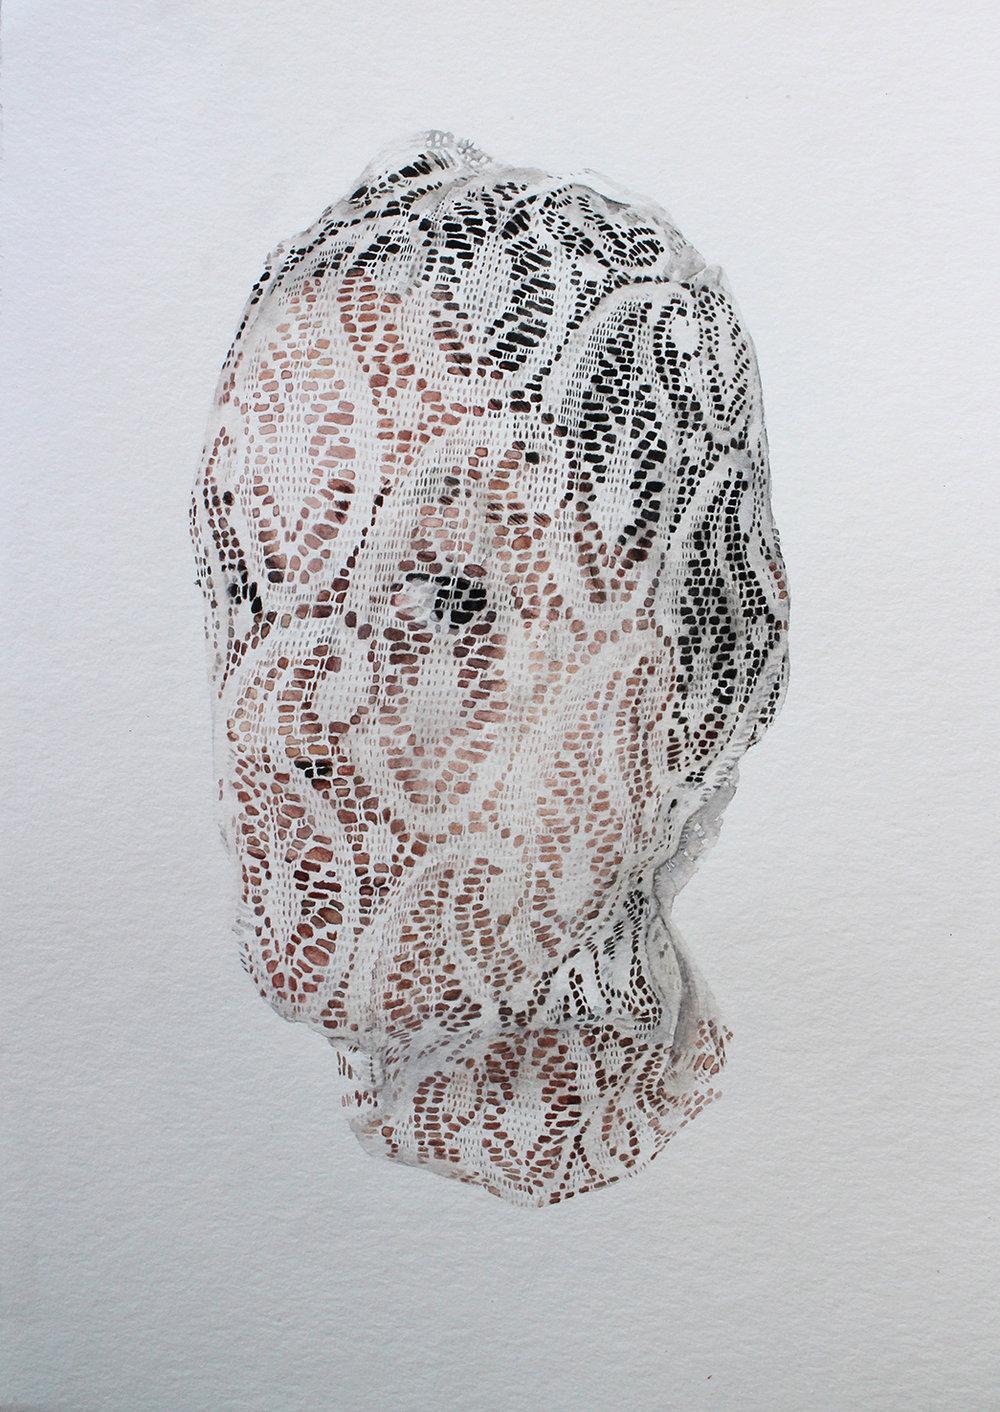 ilene bothma, watercolour 2.jpg